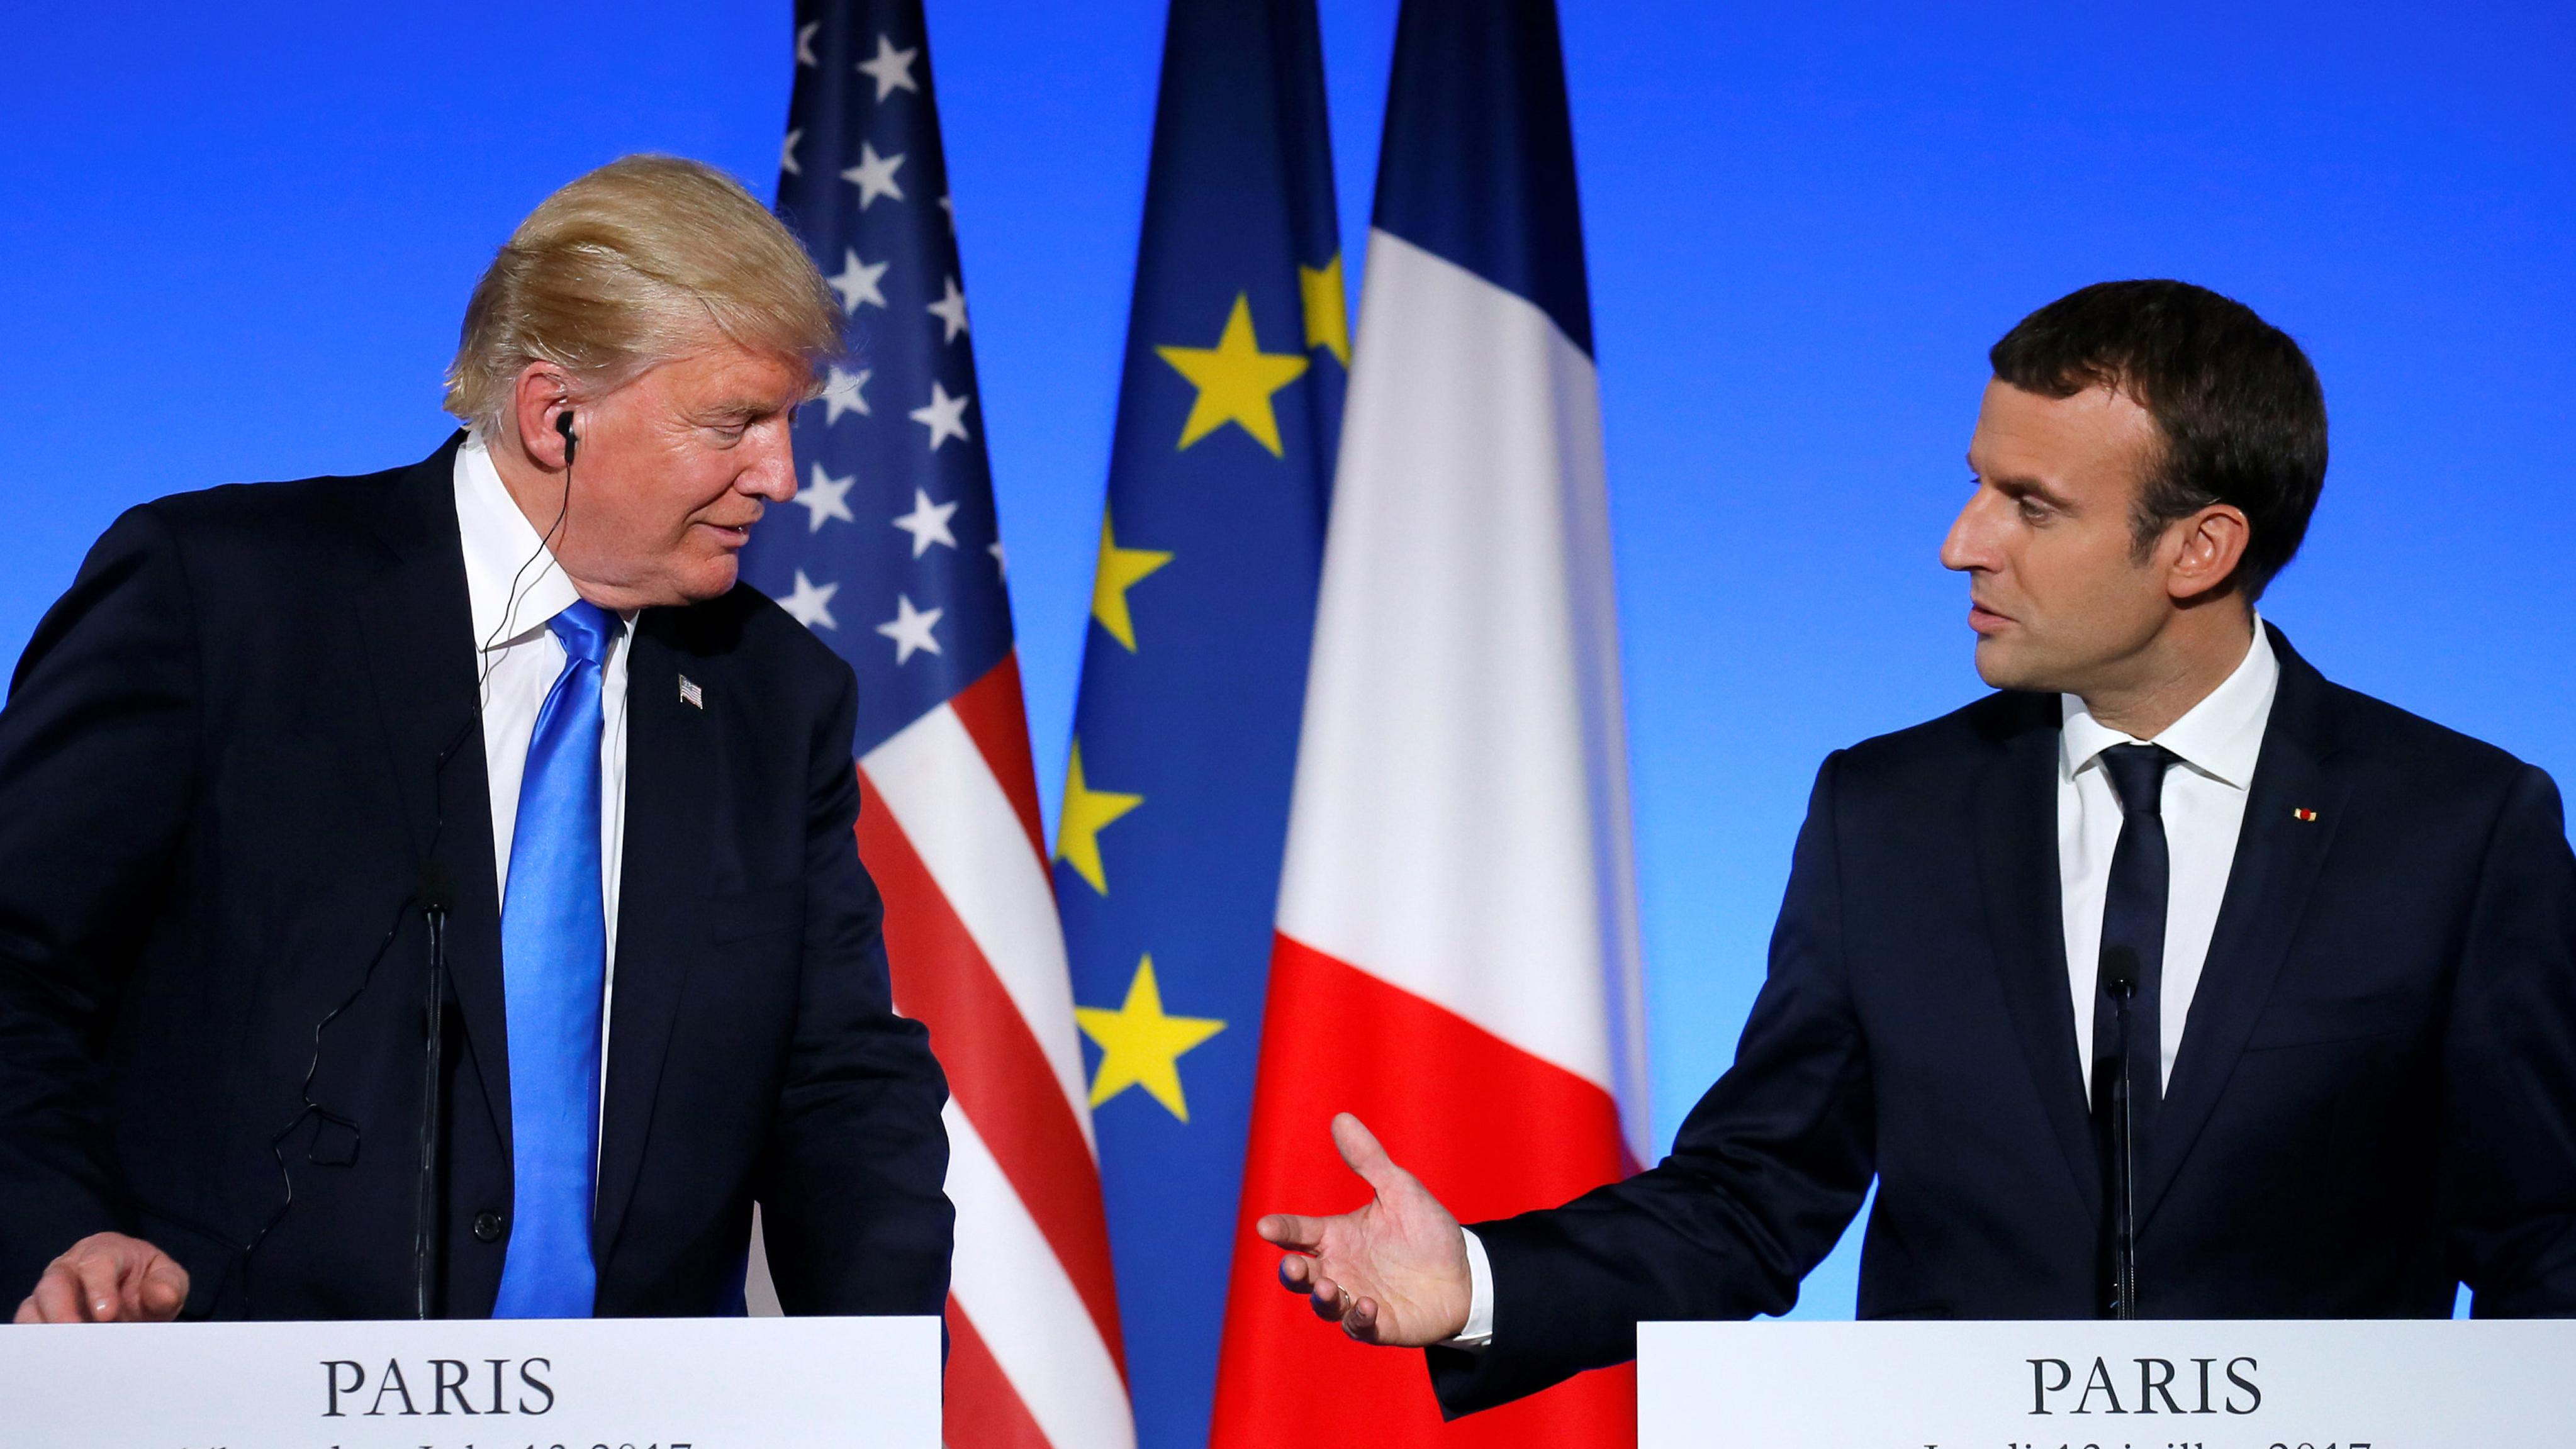 Трамп иМакрон обсудили потелефону урегулирование вСирии иИраке